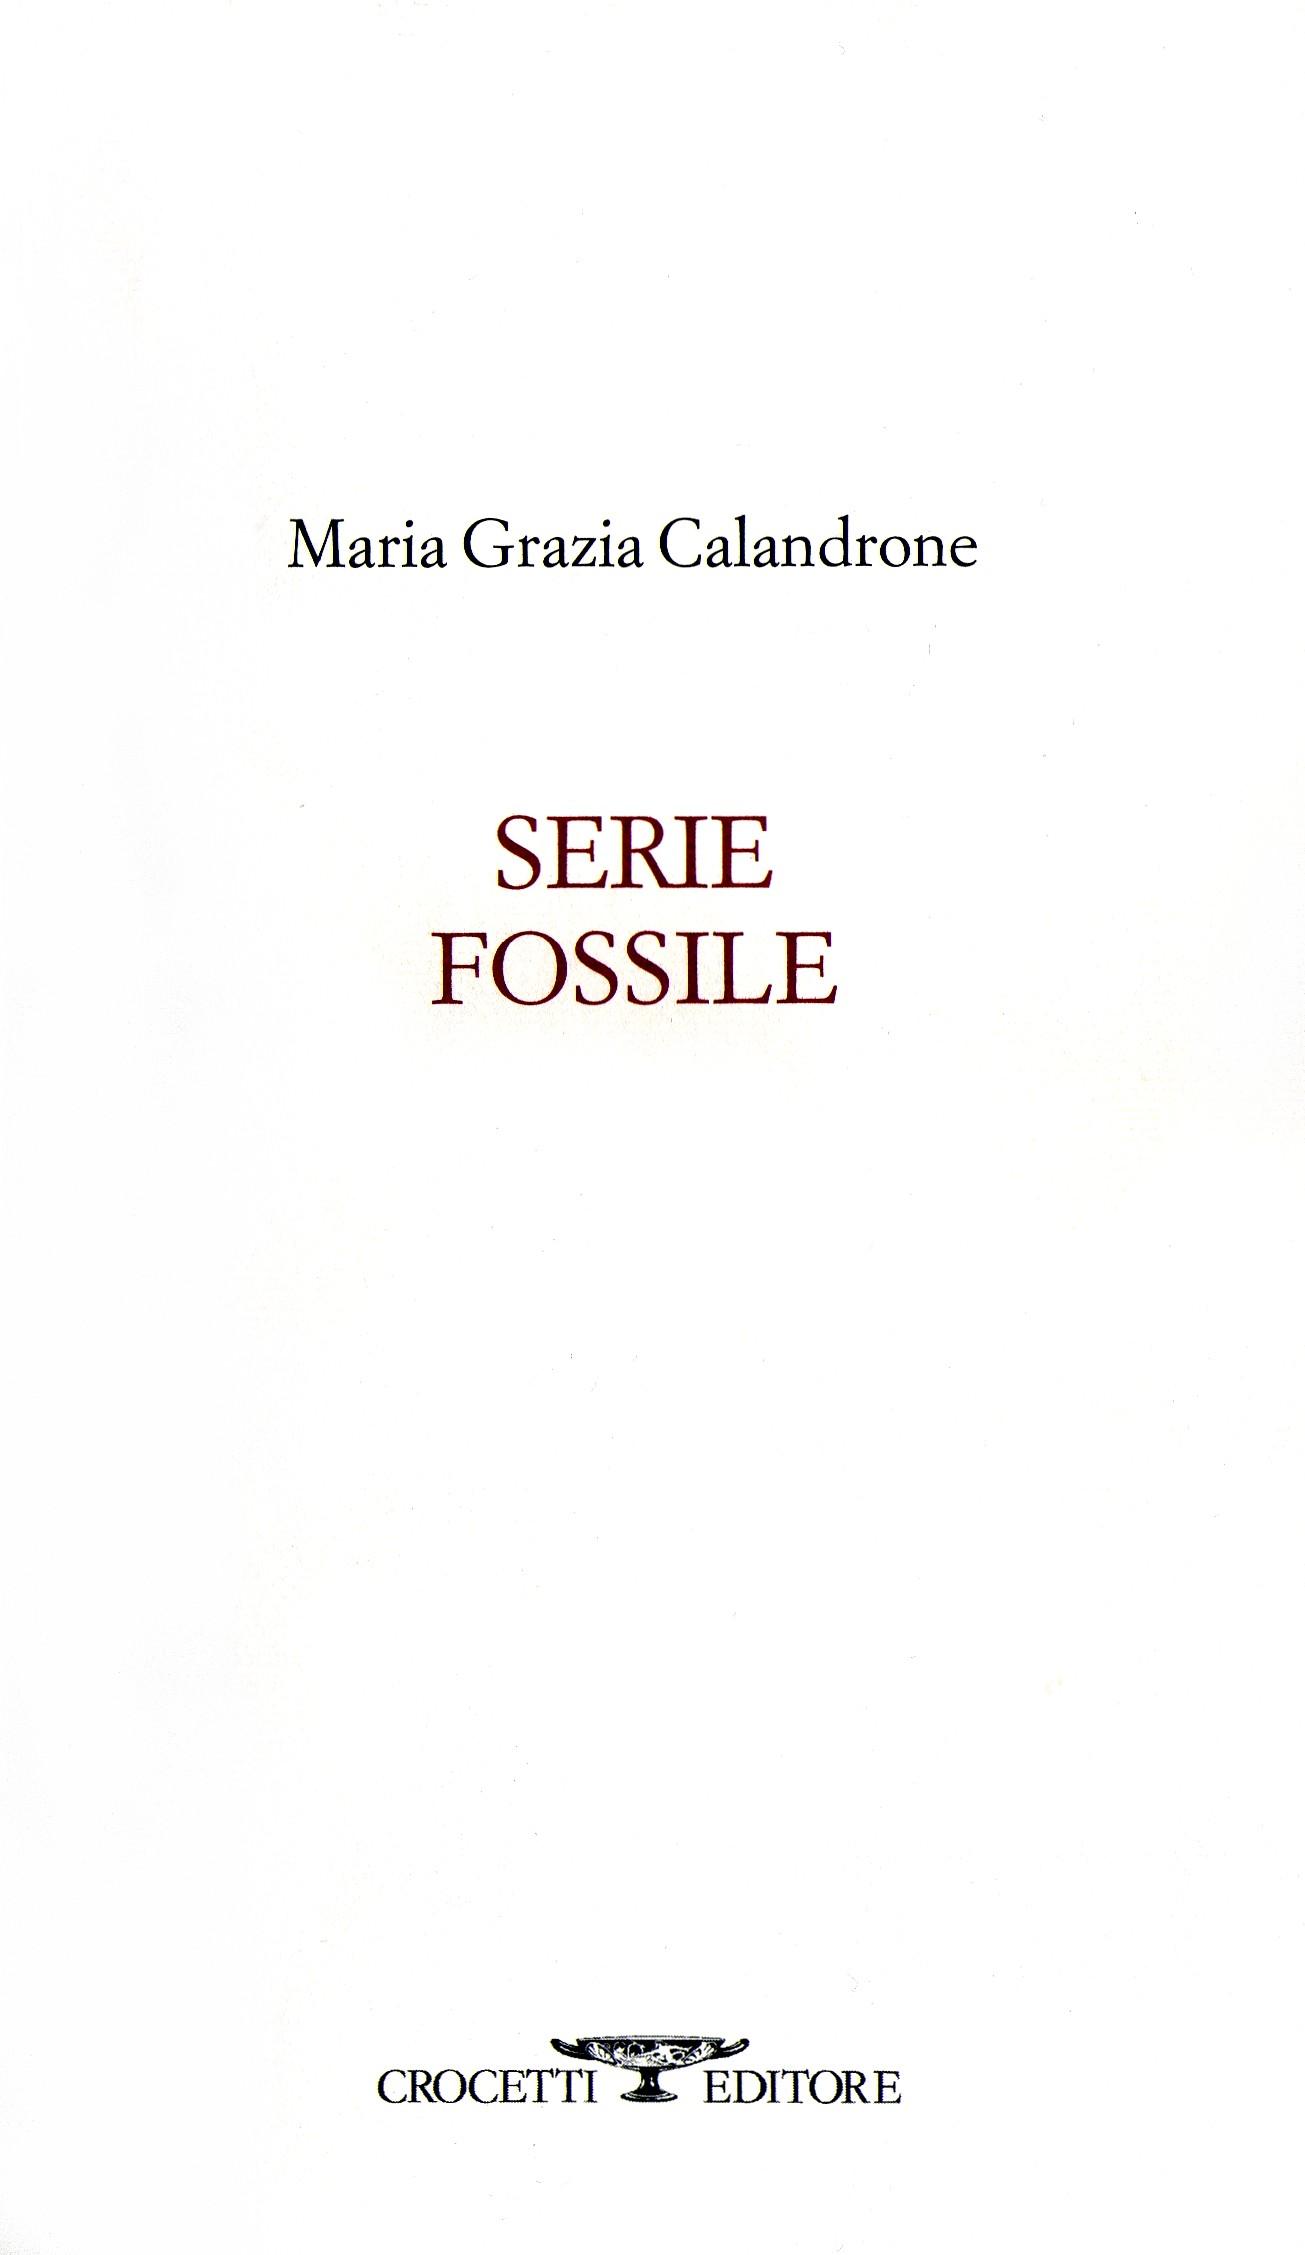 Serie fossile – Maria Grazia Calandrone